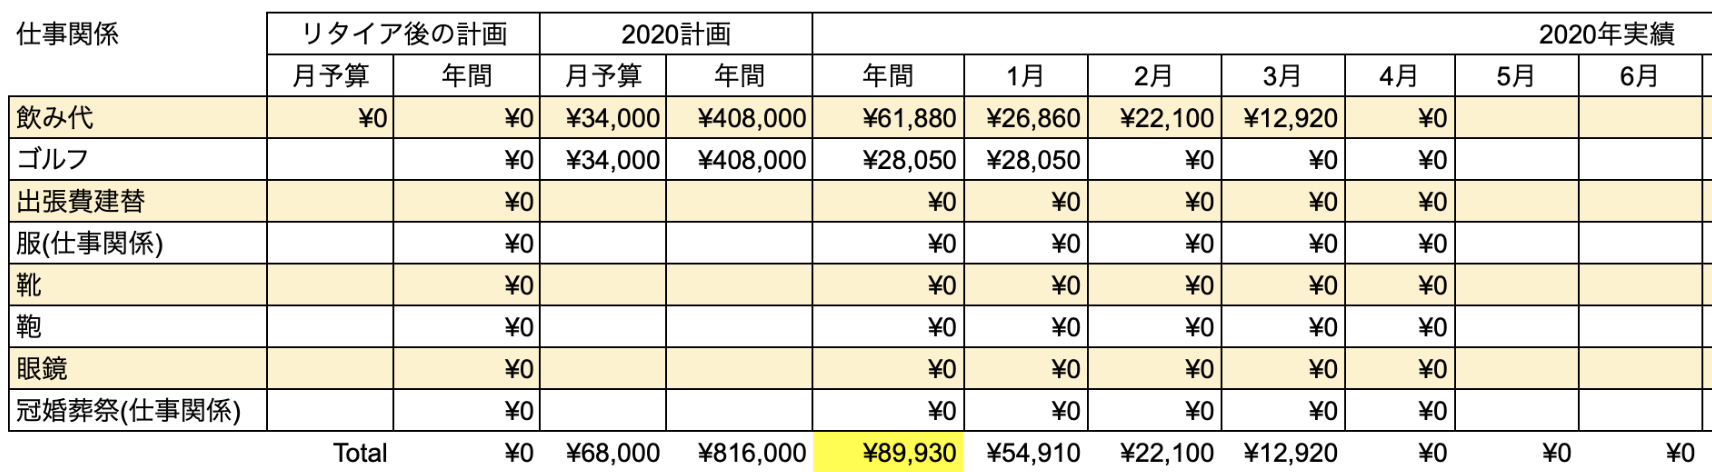 支出実績2020_04月_仕事関係費